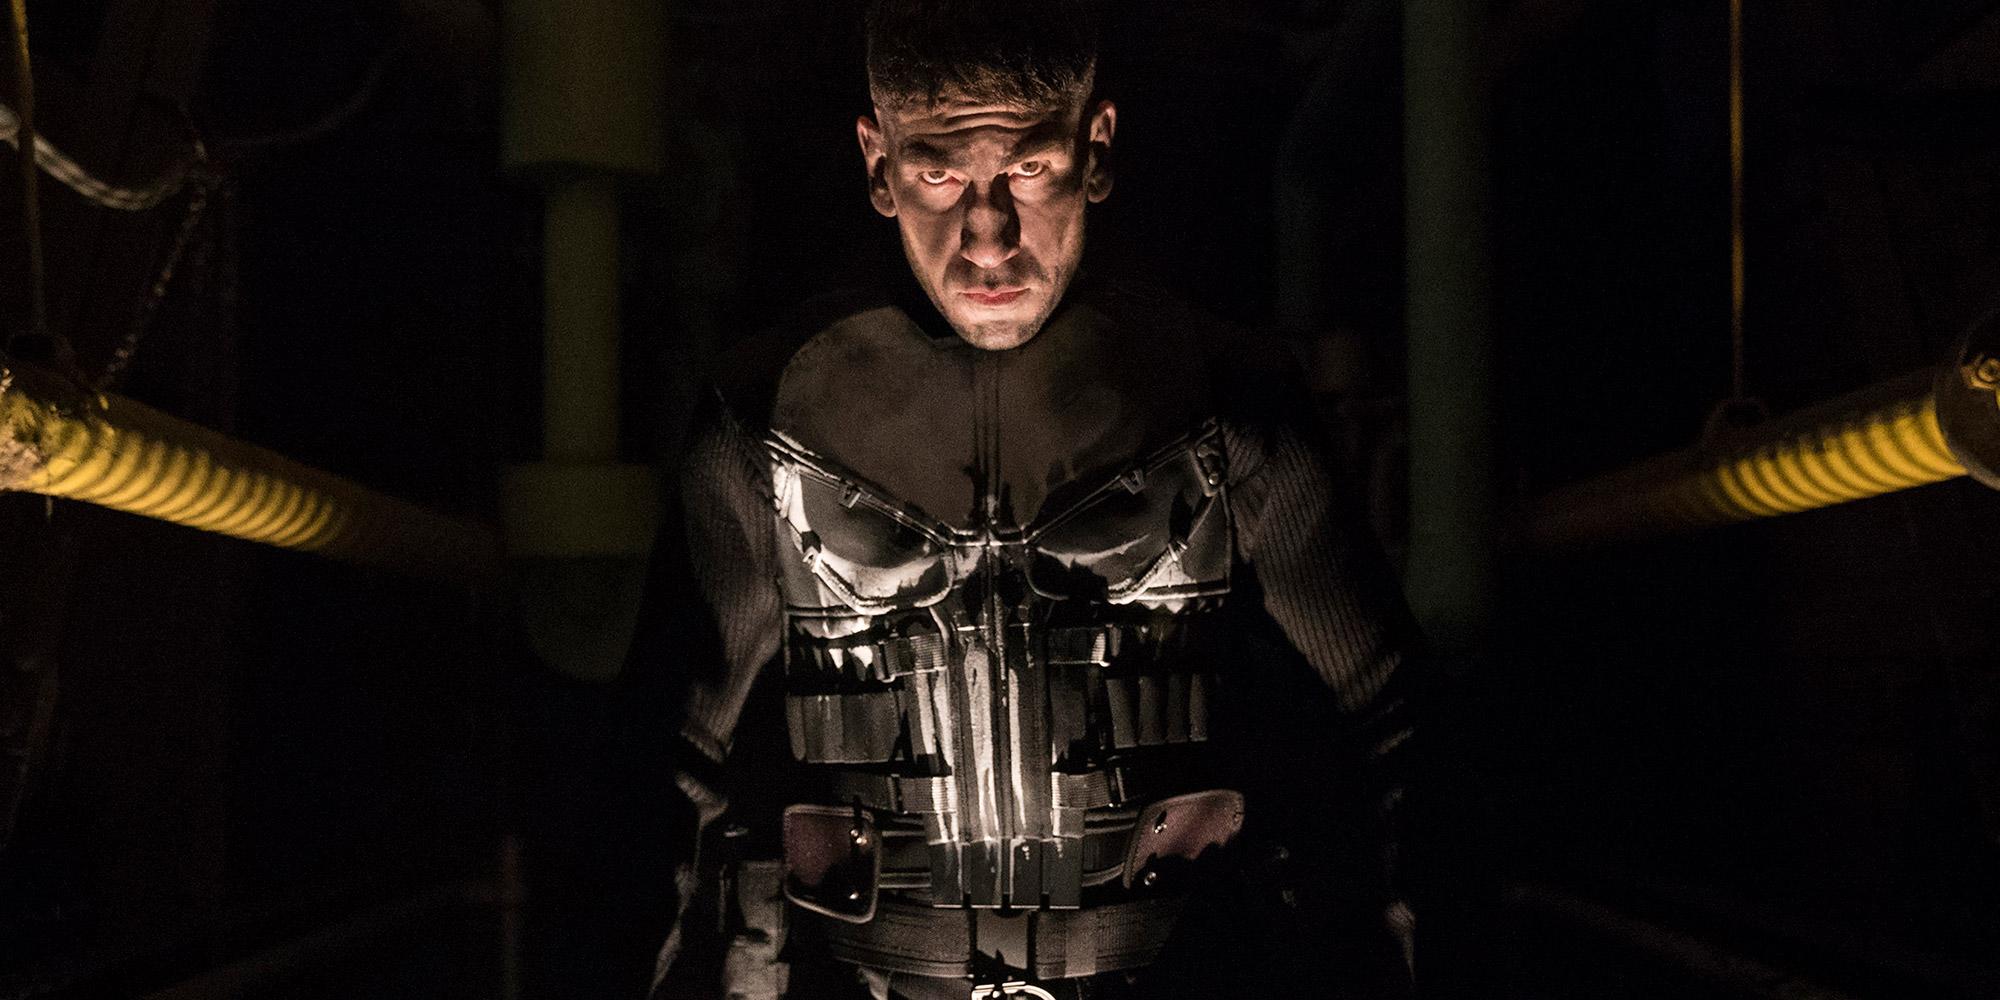 Un trailer pour The Punisher tout en douce violence…